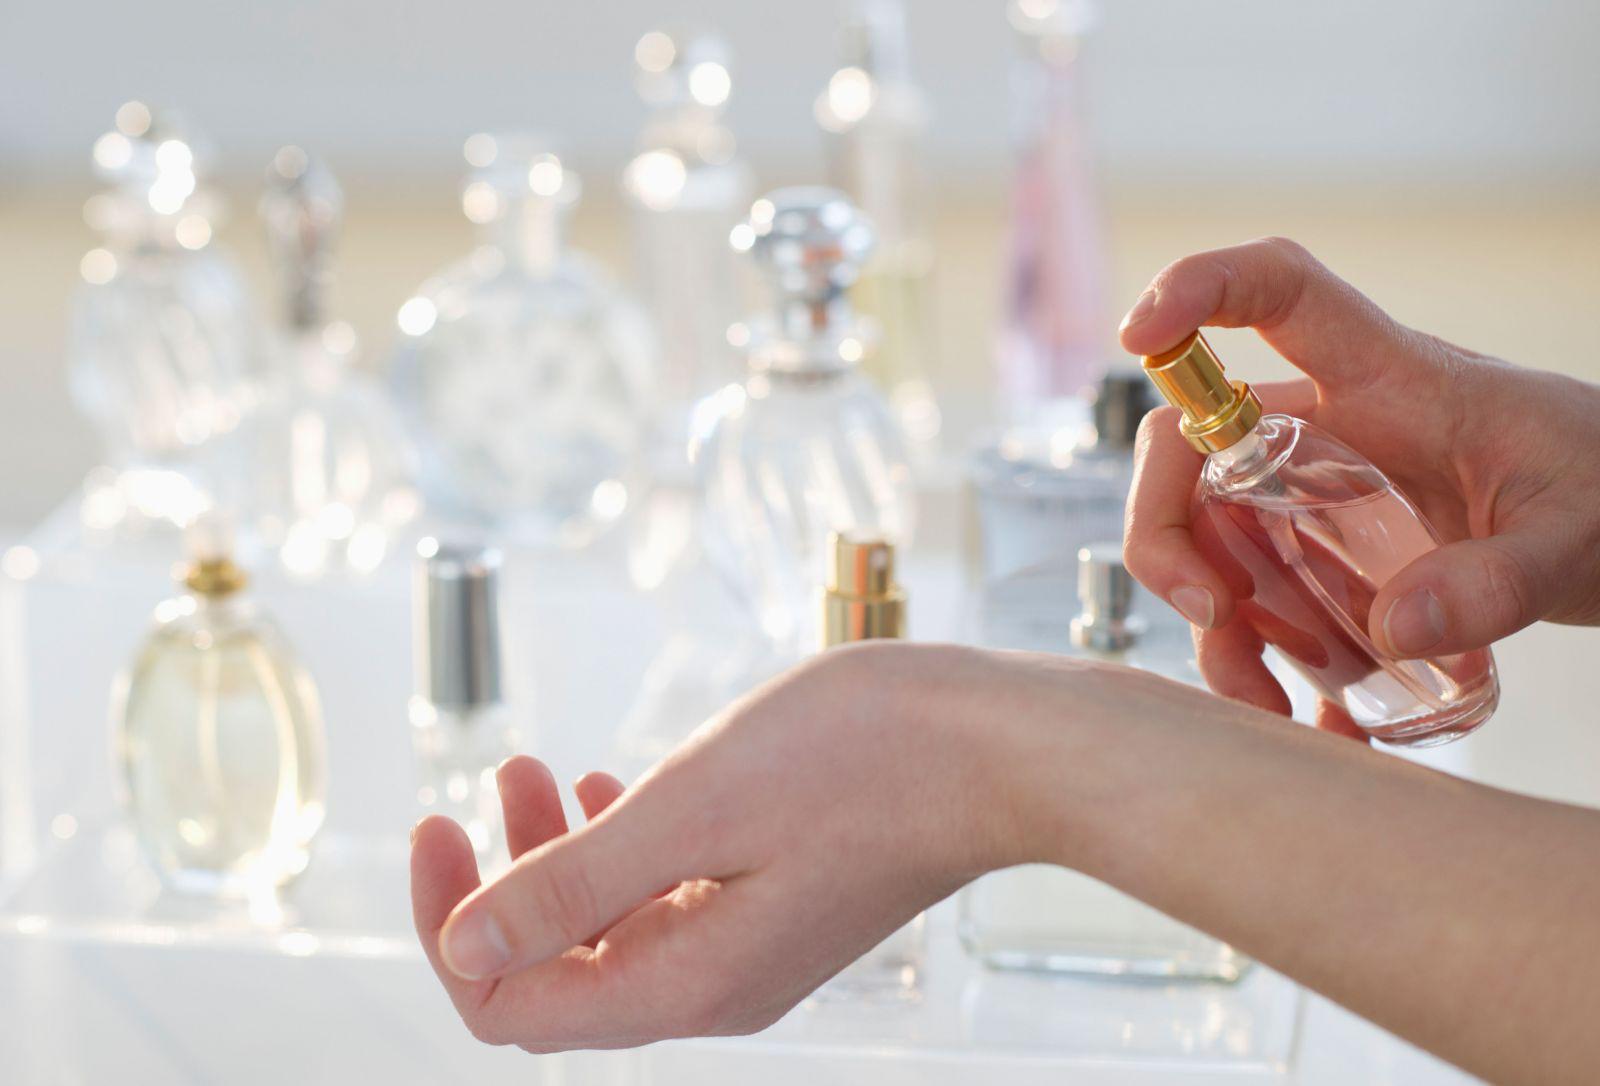 Nước hoa độc ngang thuốc lá không nên lạm dụng, nhất là với trẻ nhỏ. Ảnh minh họa